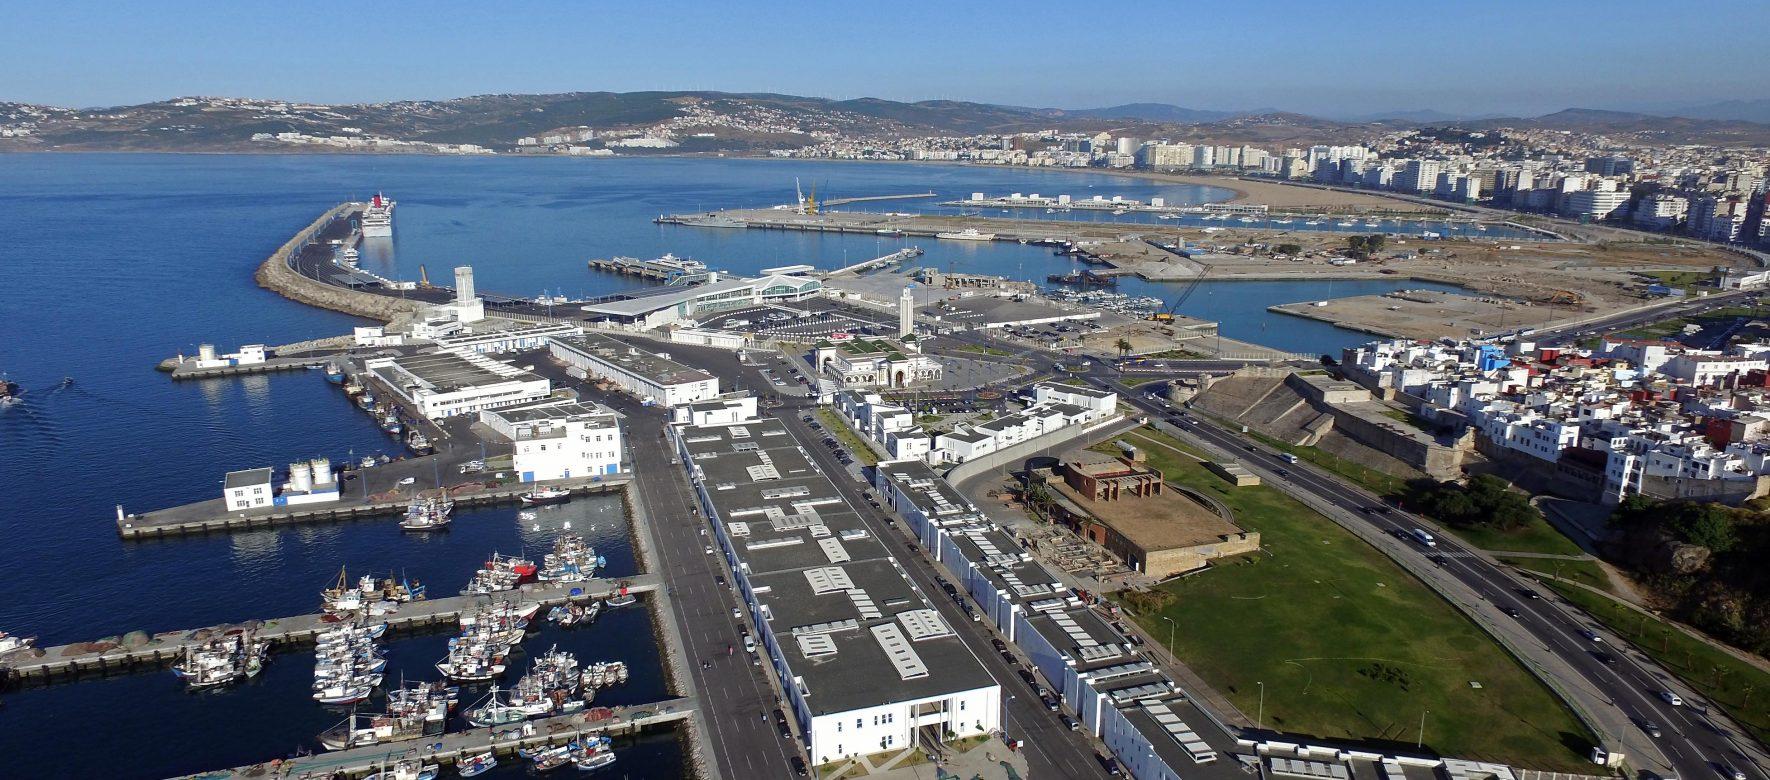 Siemens Gamesa lance des actions pour soutenir le Maroc dans sa lutte contre la crise COVID-19